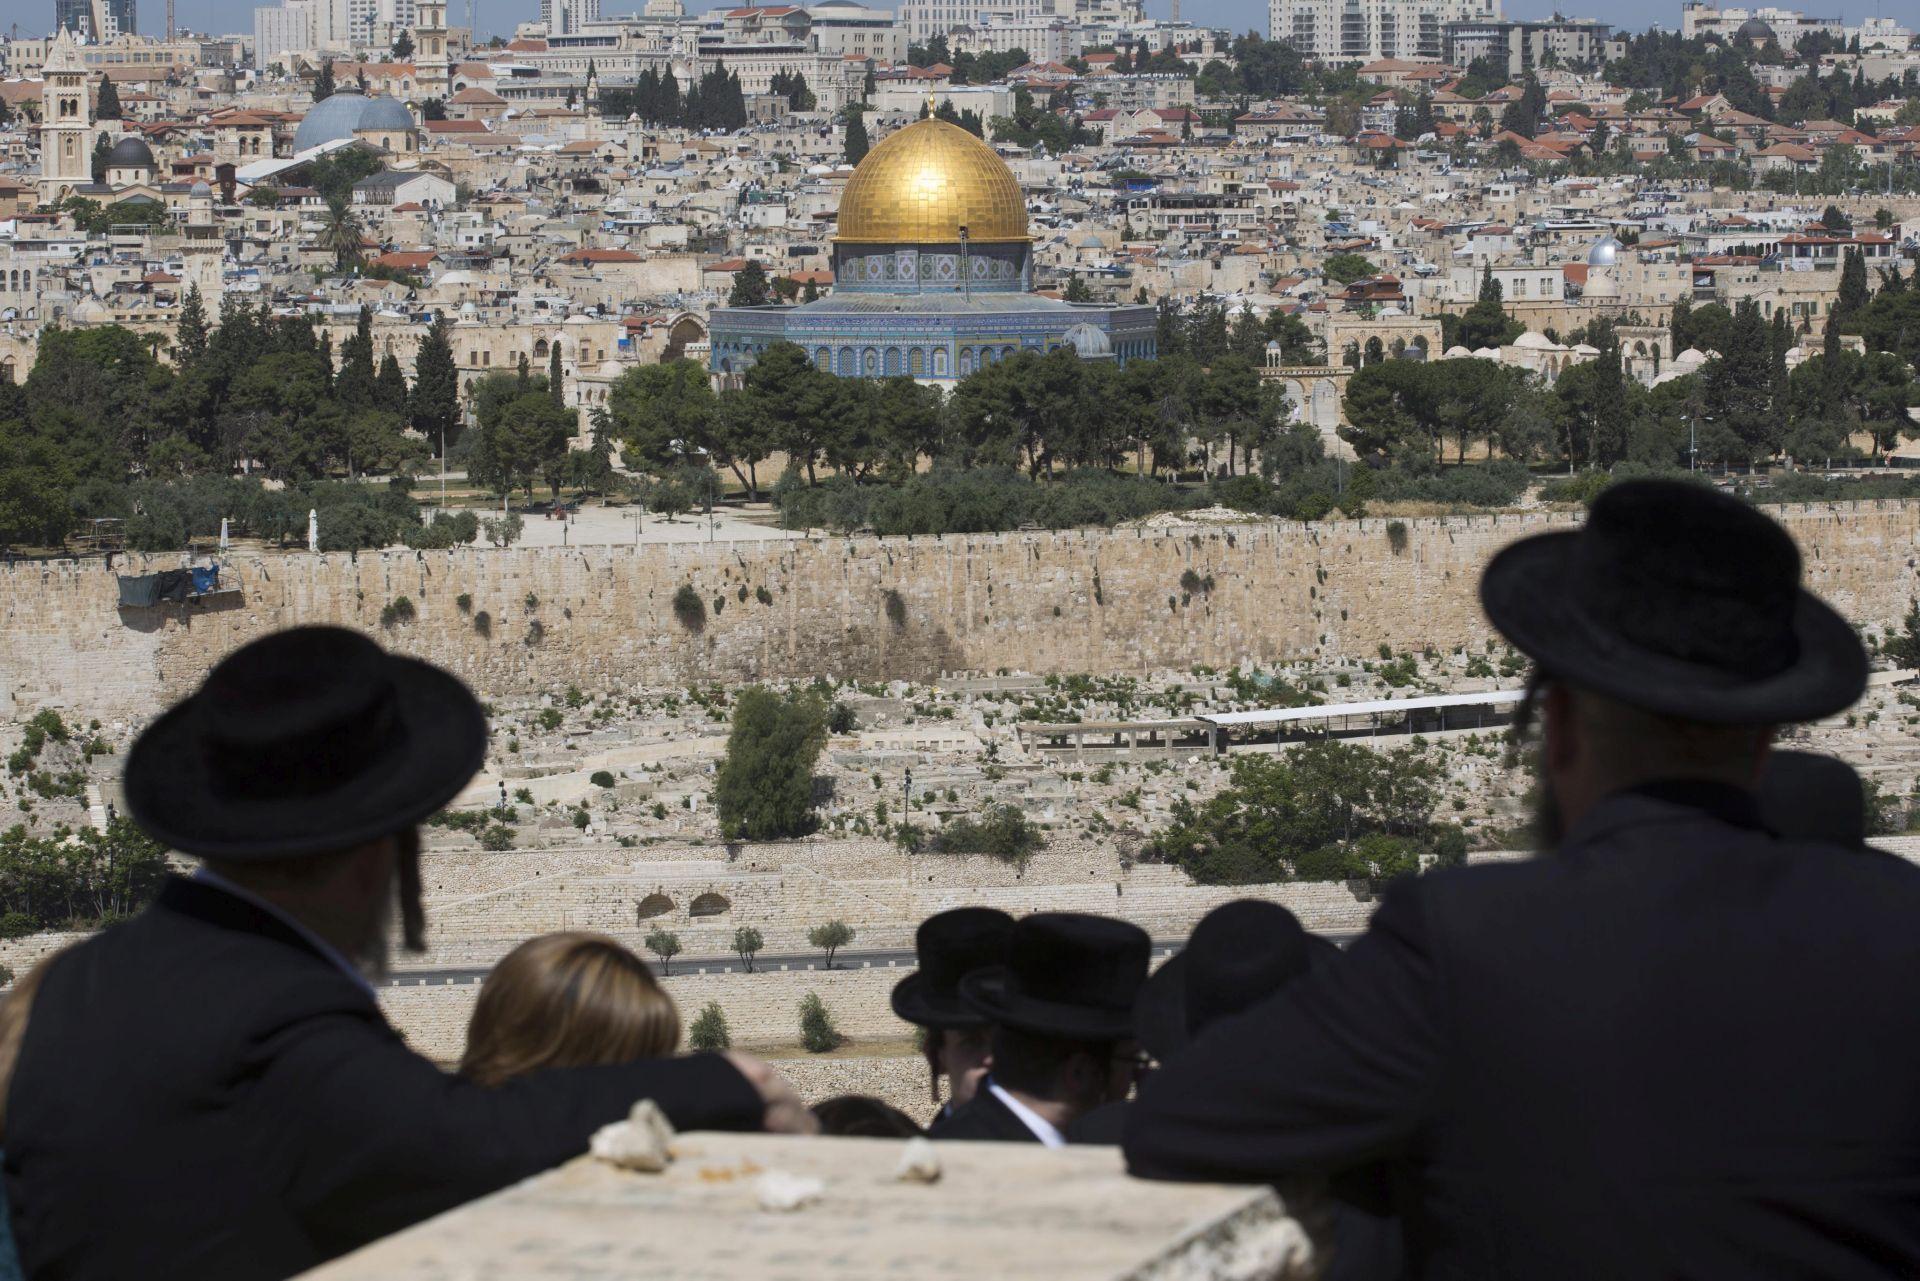 UHIĆEN OSUMNJIČENIK: Bombaške prijetnje židovskim centrima u SAD-u